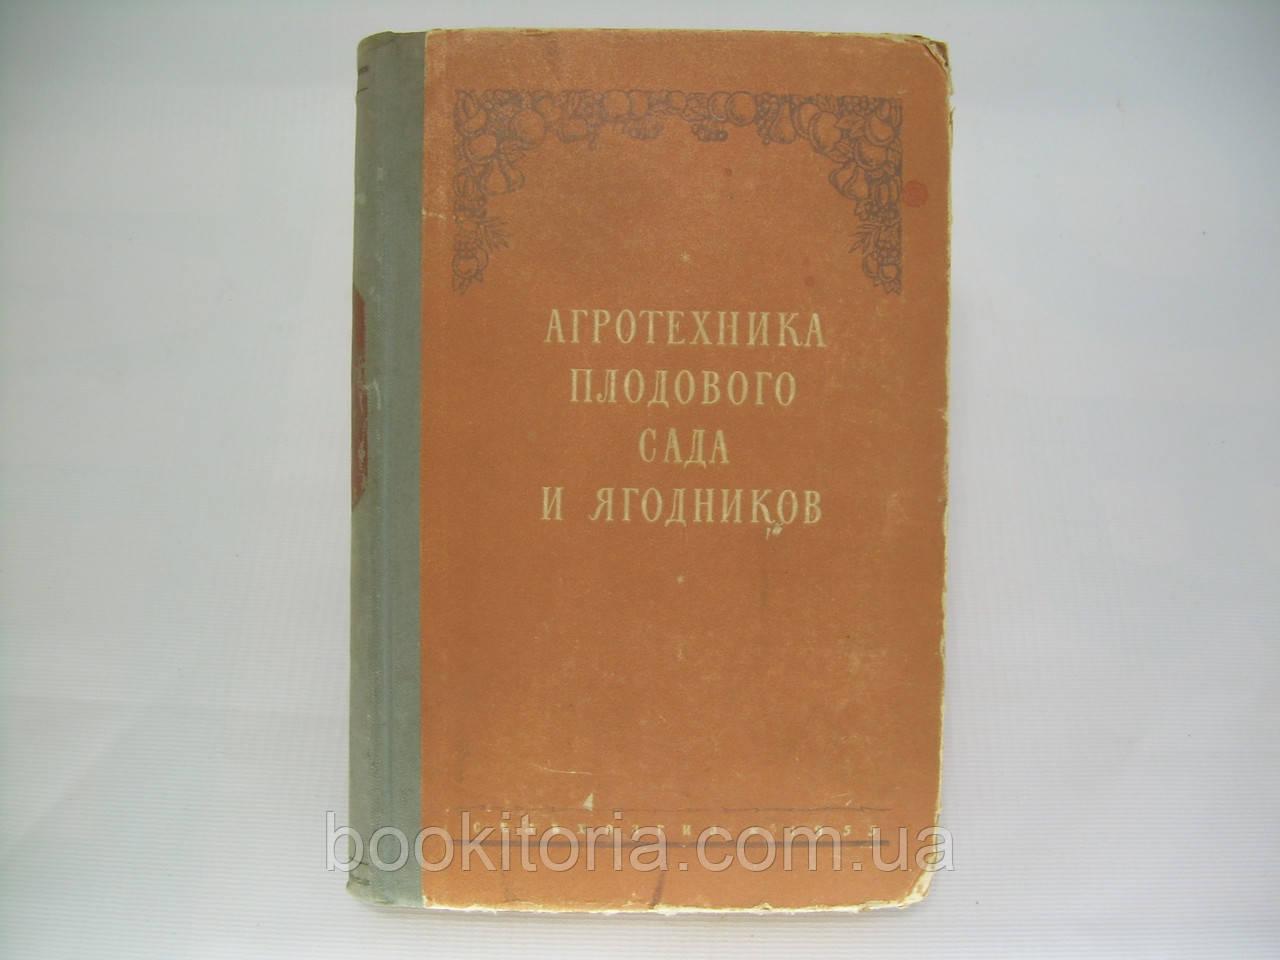 Агротехника плодового сада и ягодников в нечерноземной полосе европейской части СССР (б/у).